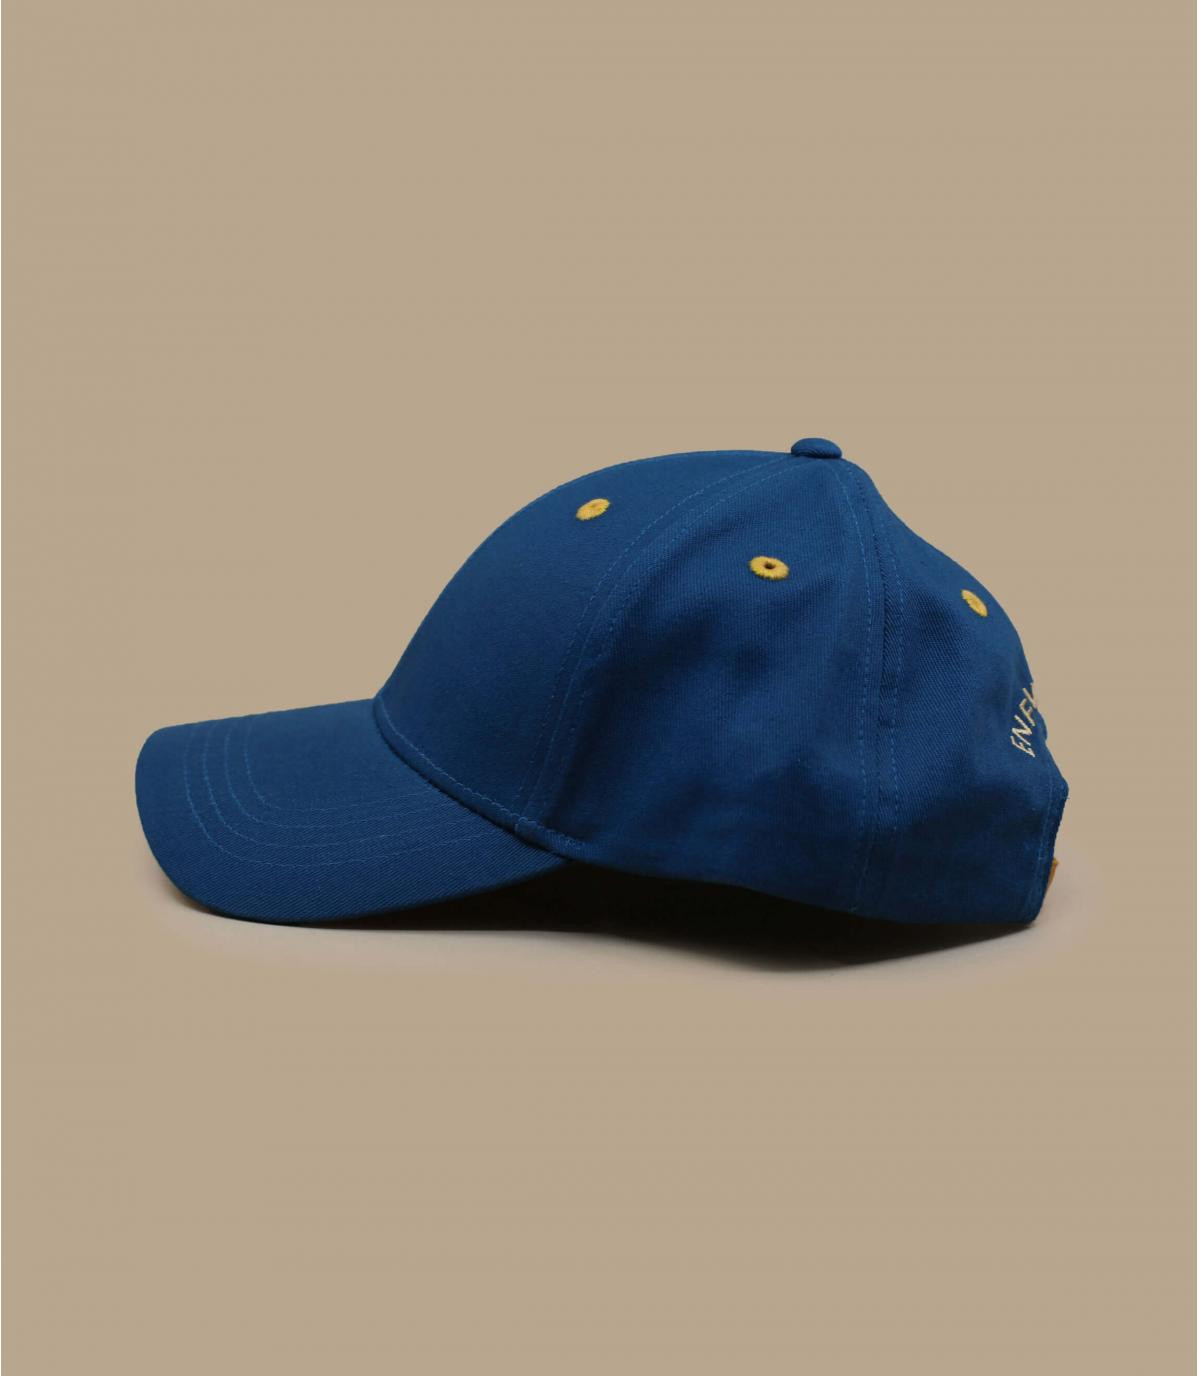 casquette bleu Enfant terrible adulte